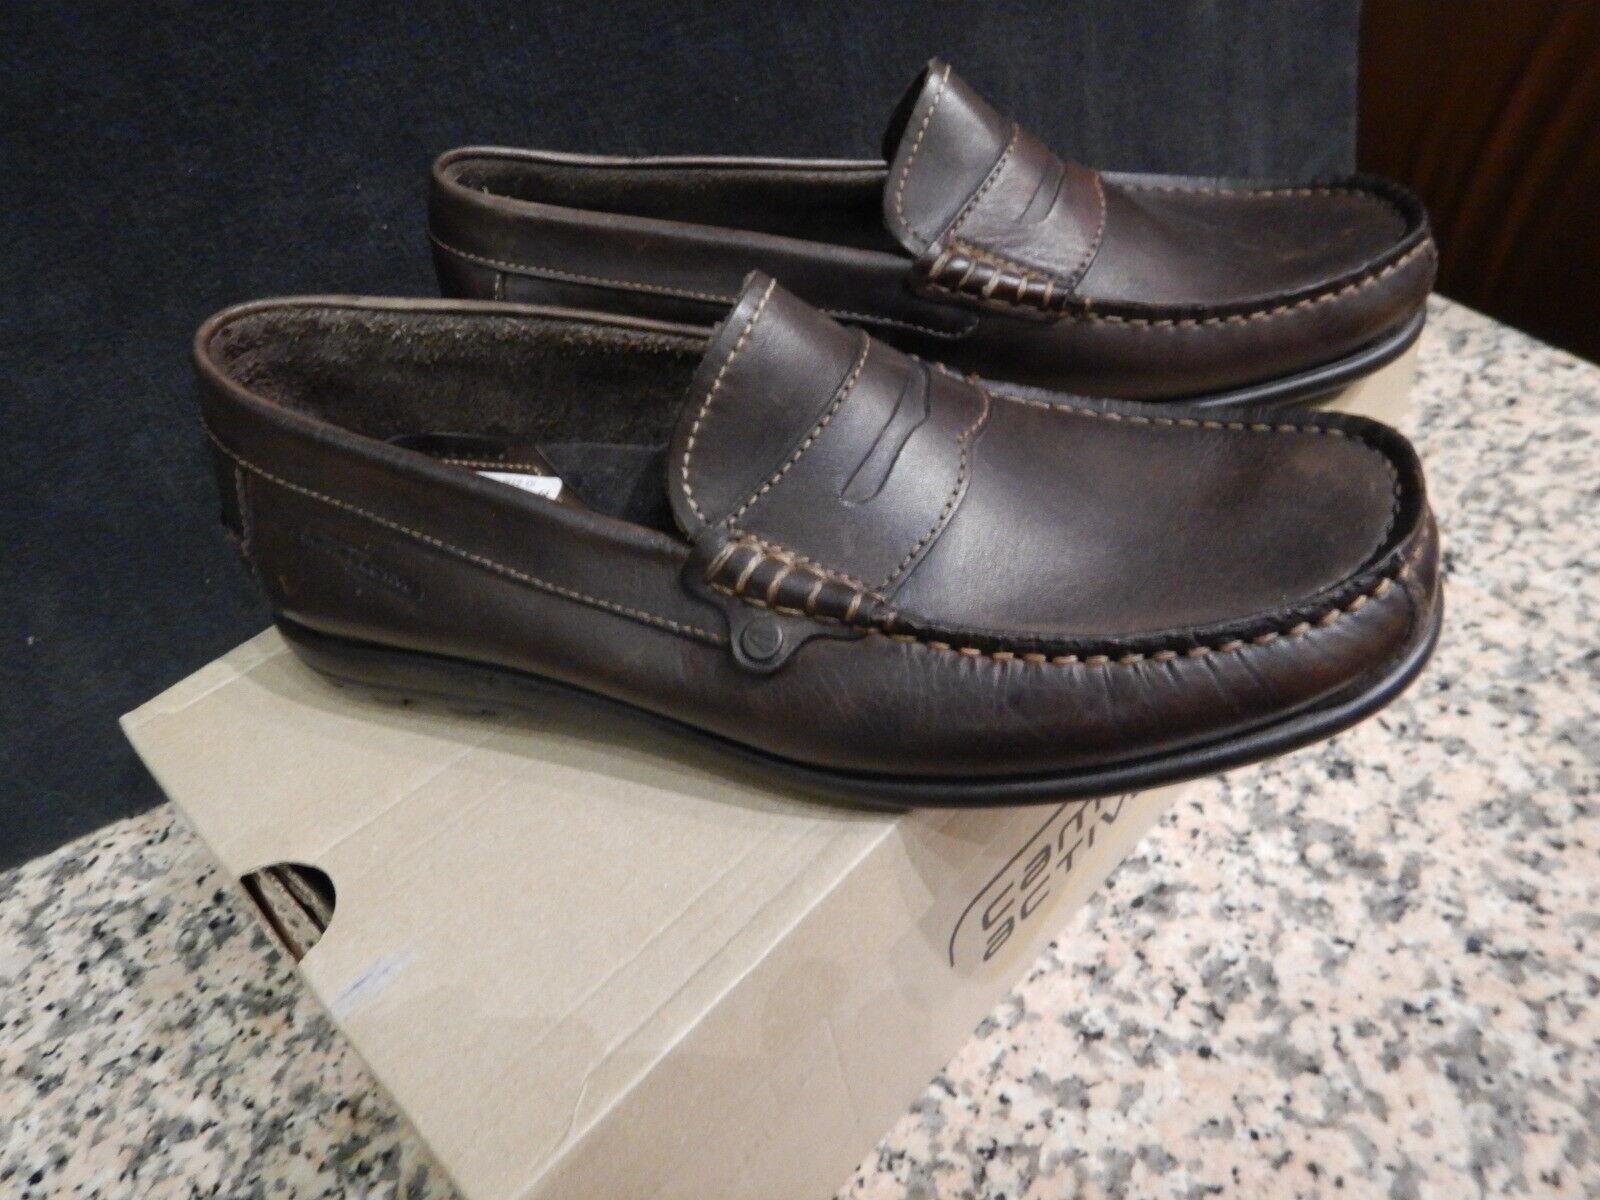 Camel Active travel señores Slipper zapato de cuero moca talla 40,5